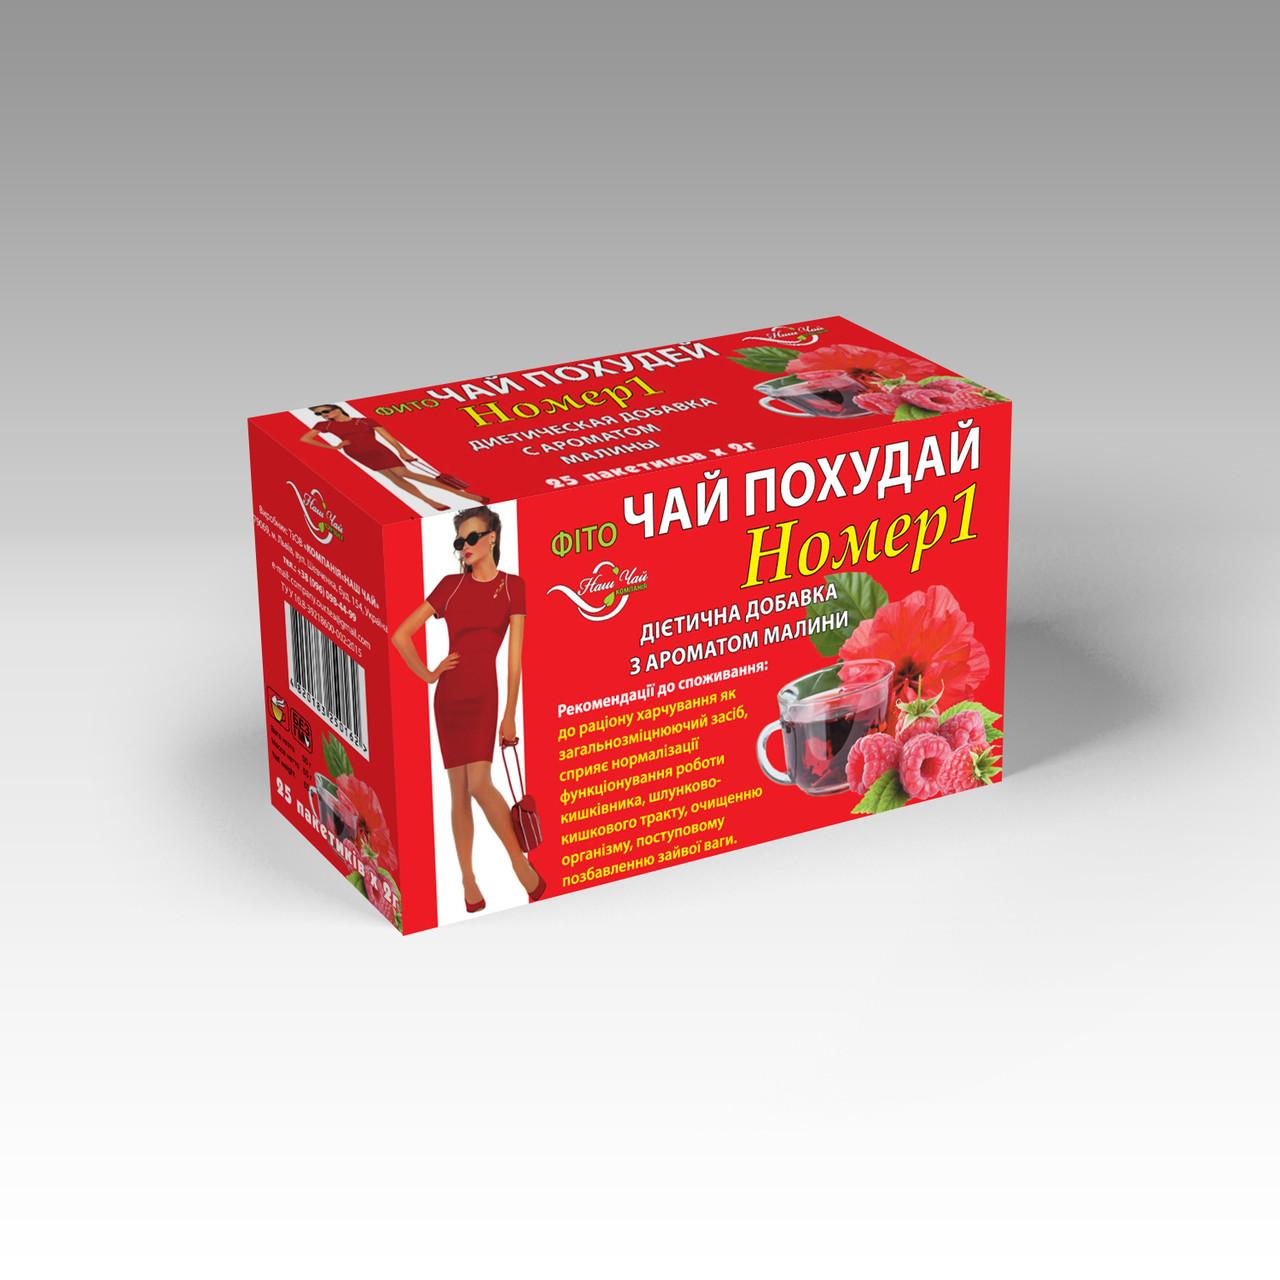 Фито чай Похудай номер 1 с ароматом Малина